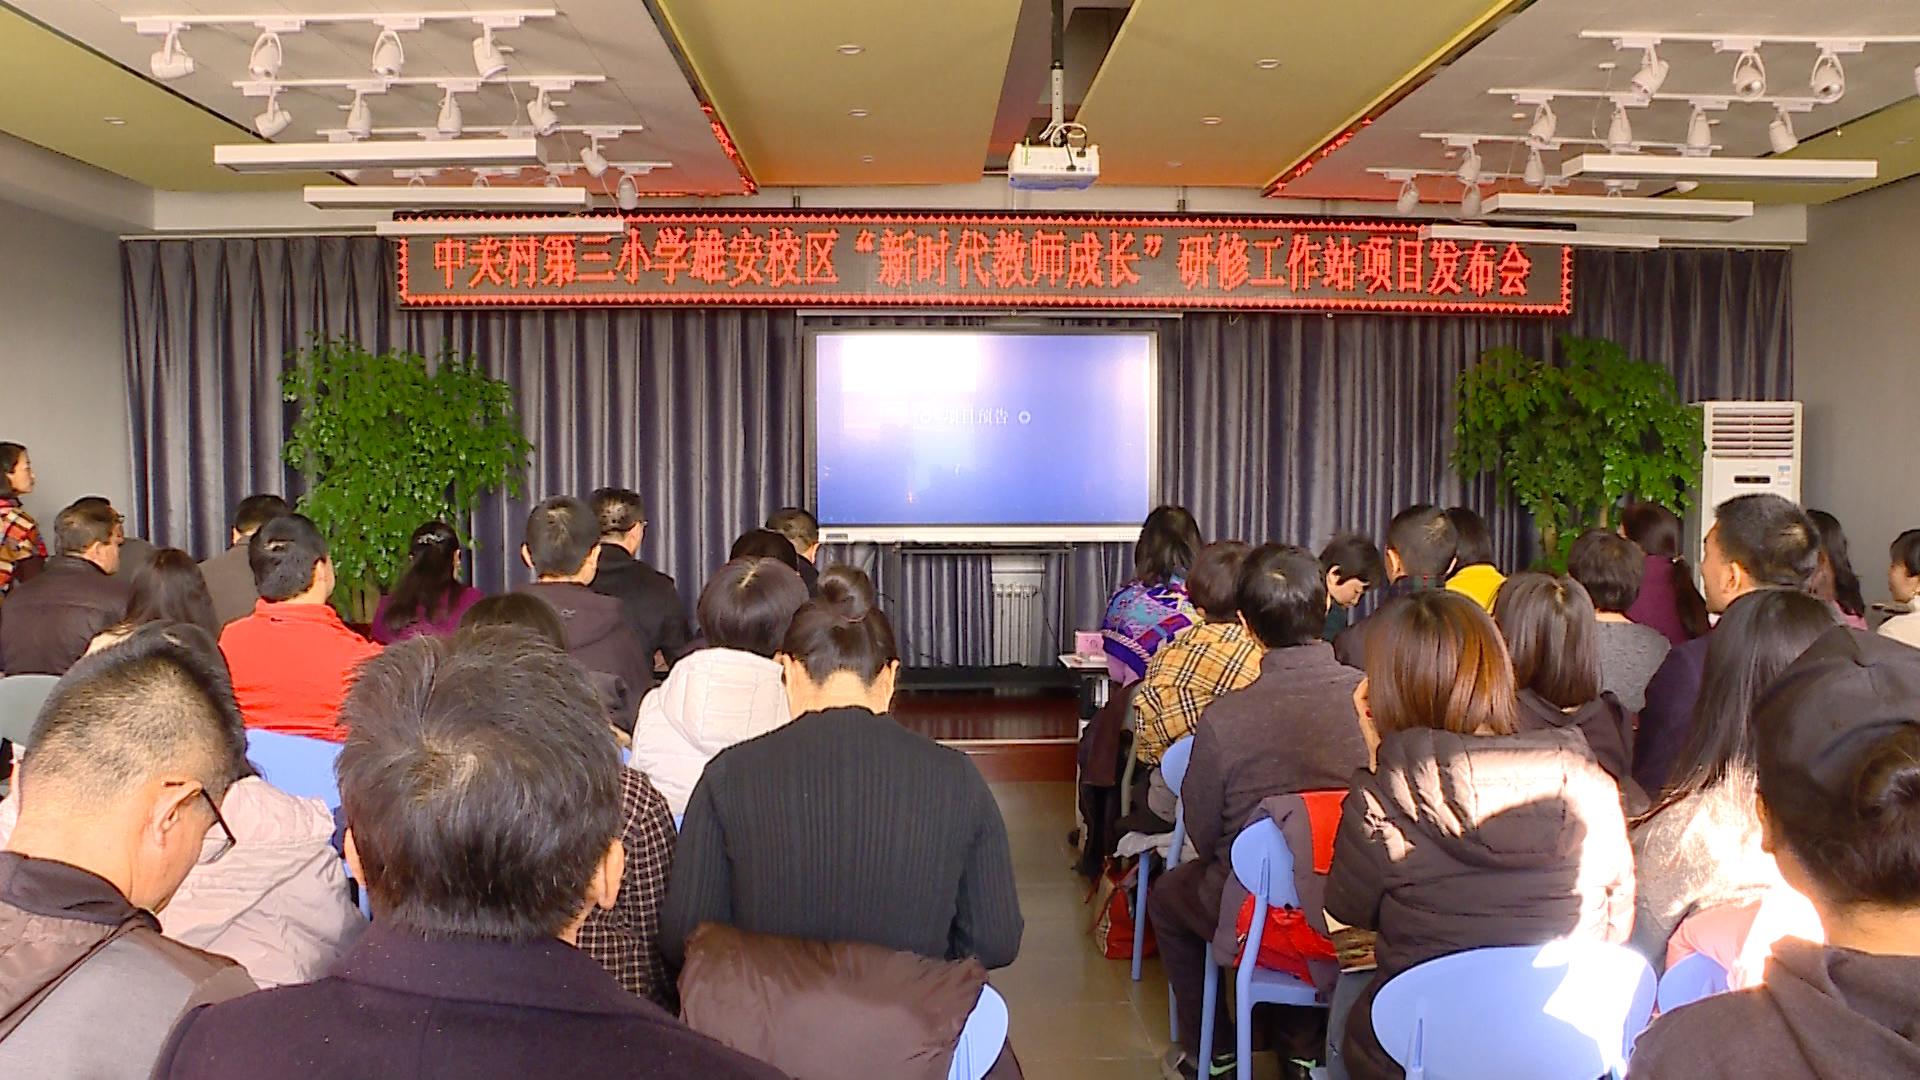 【视频】中关村第三小学雄安校区提升教师能力再发力